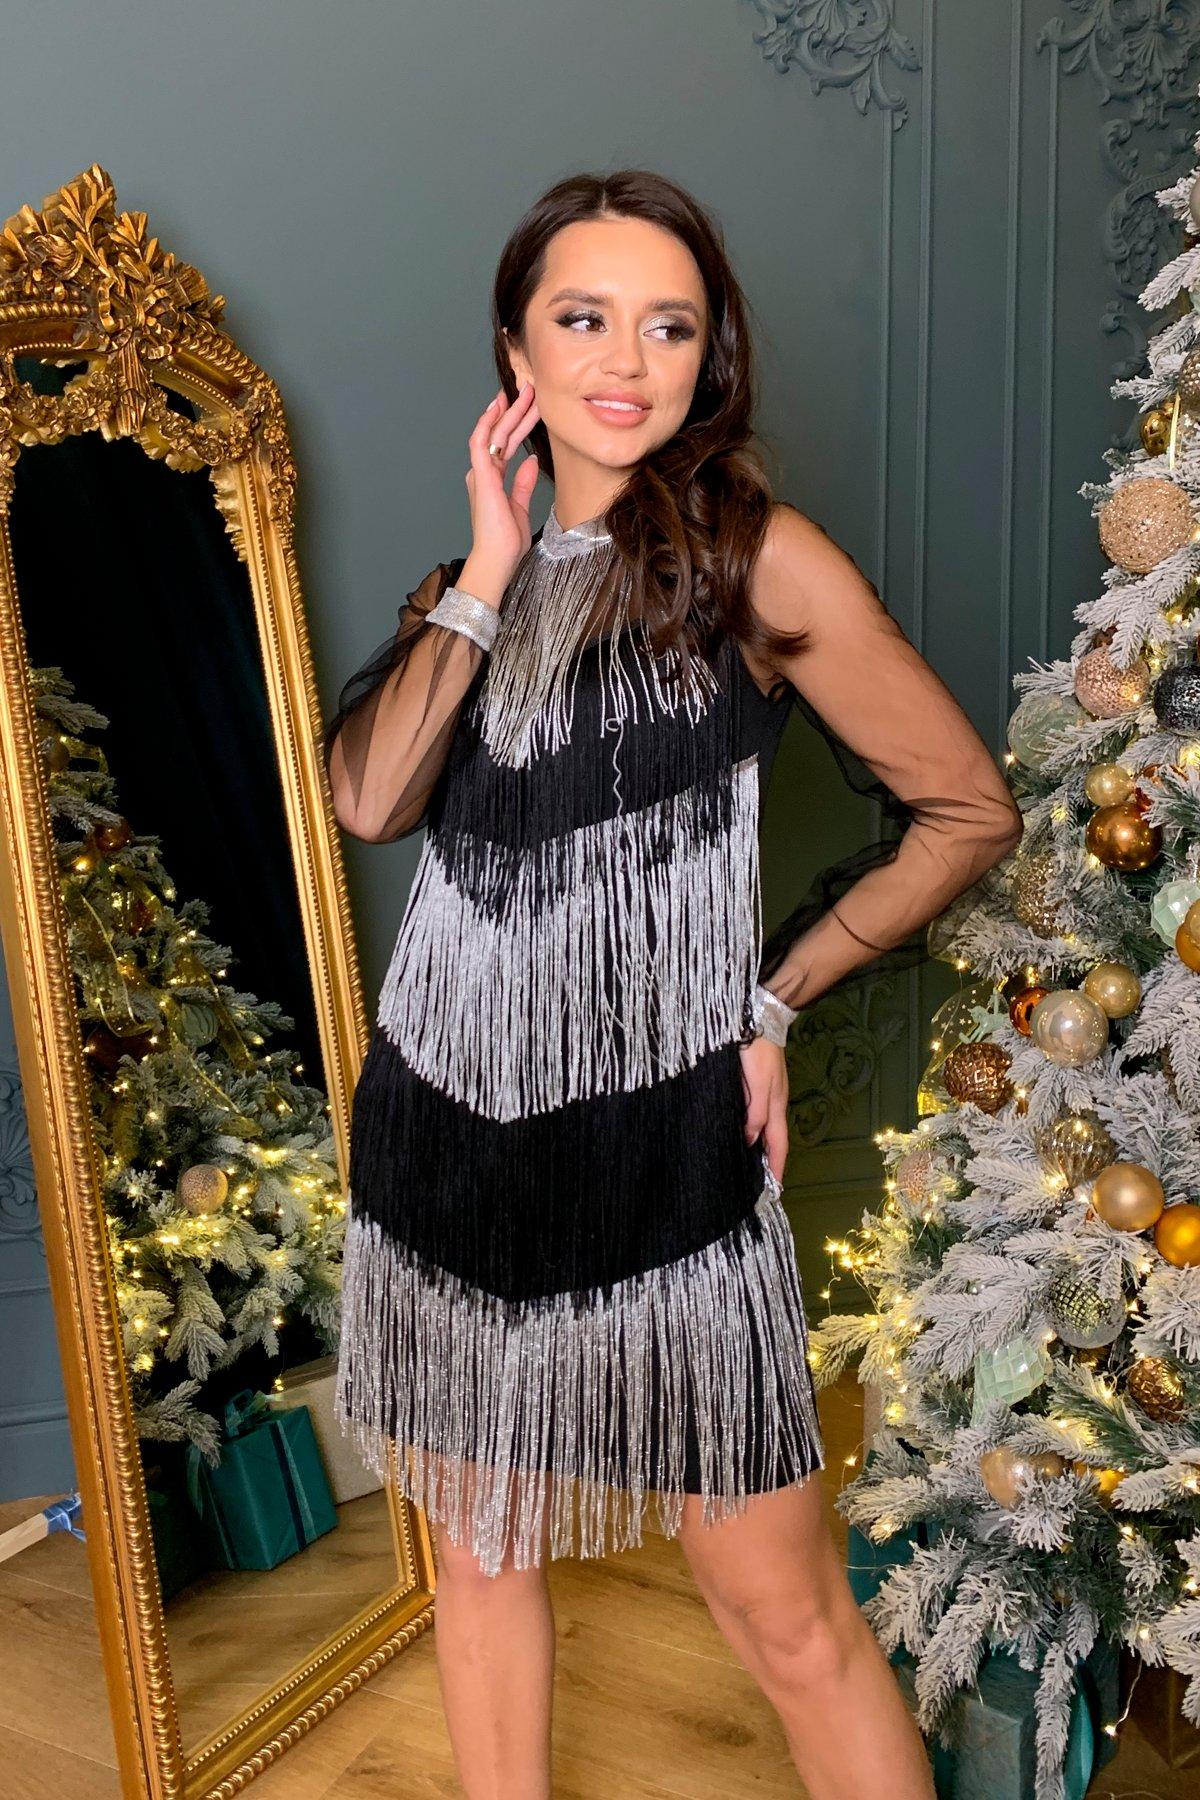 Вечернее платье Софит 8629 АРТ. 44943 Цвет: Черный - фото 5, интернет магазин tm-modus.ru